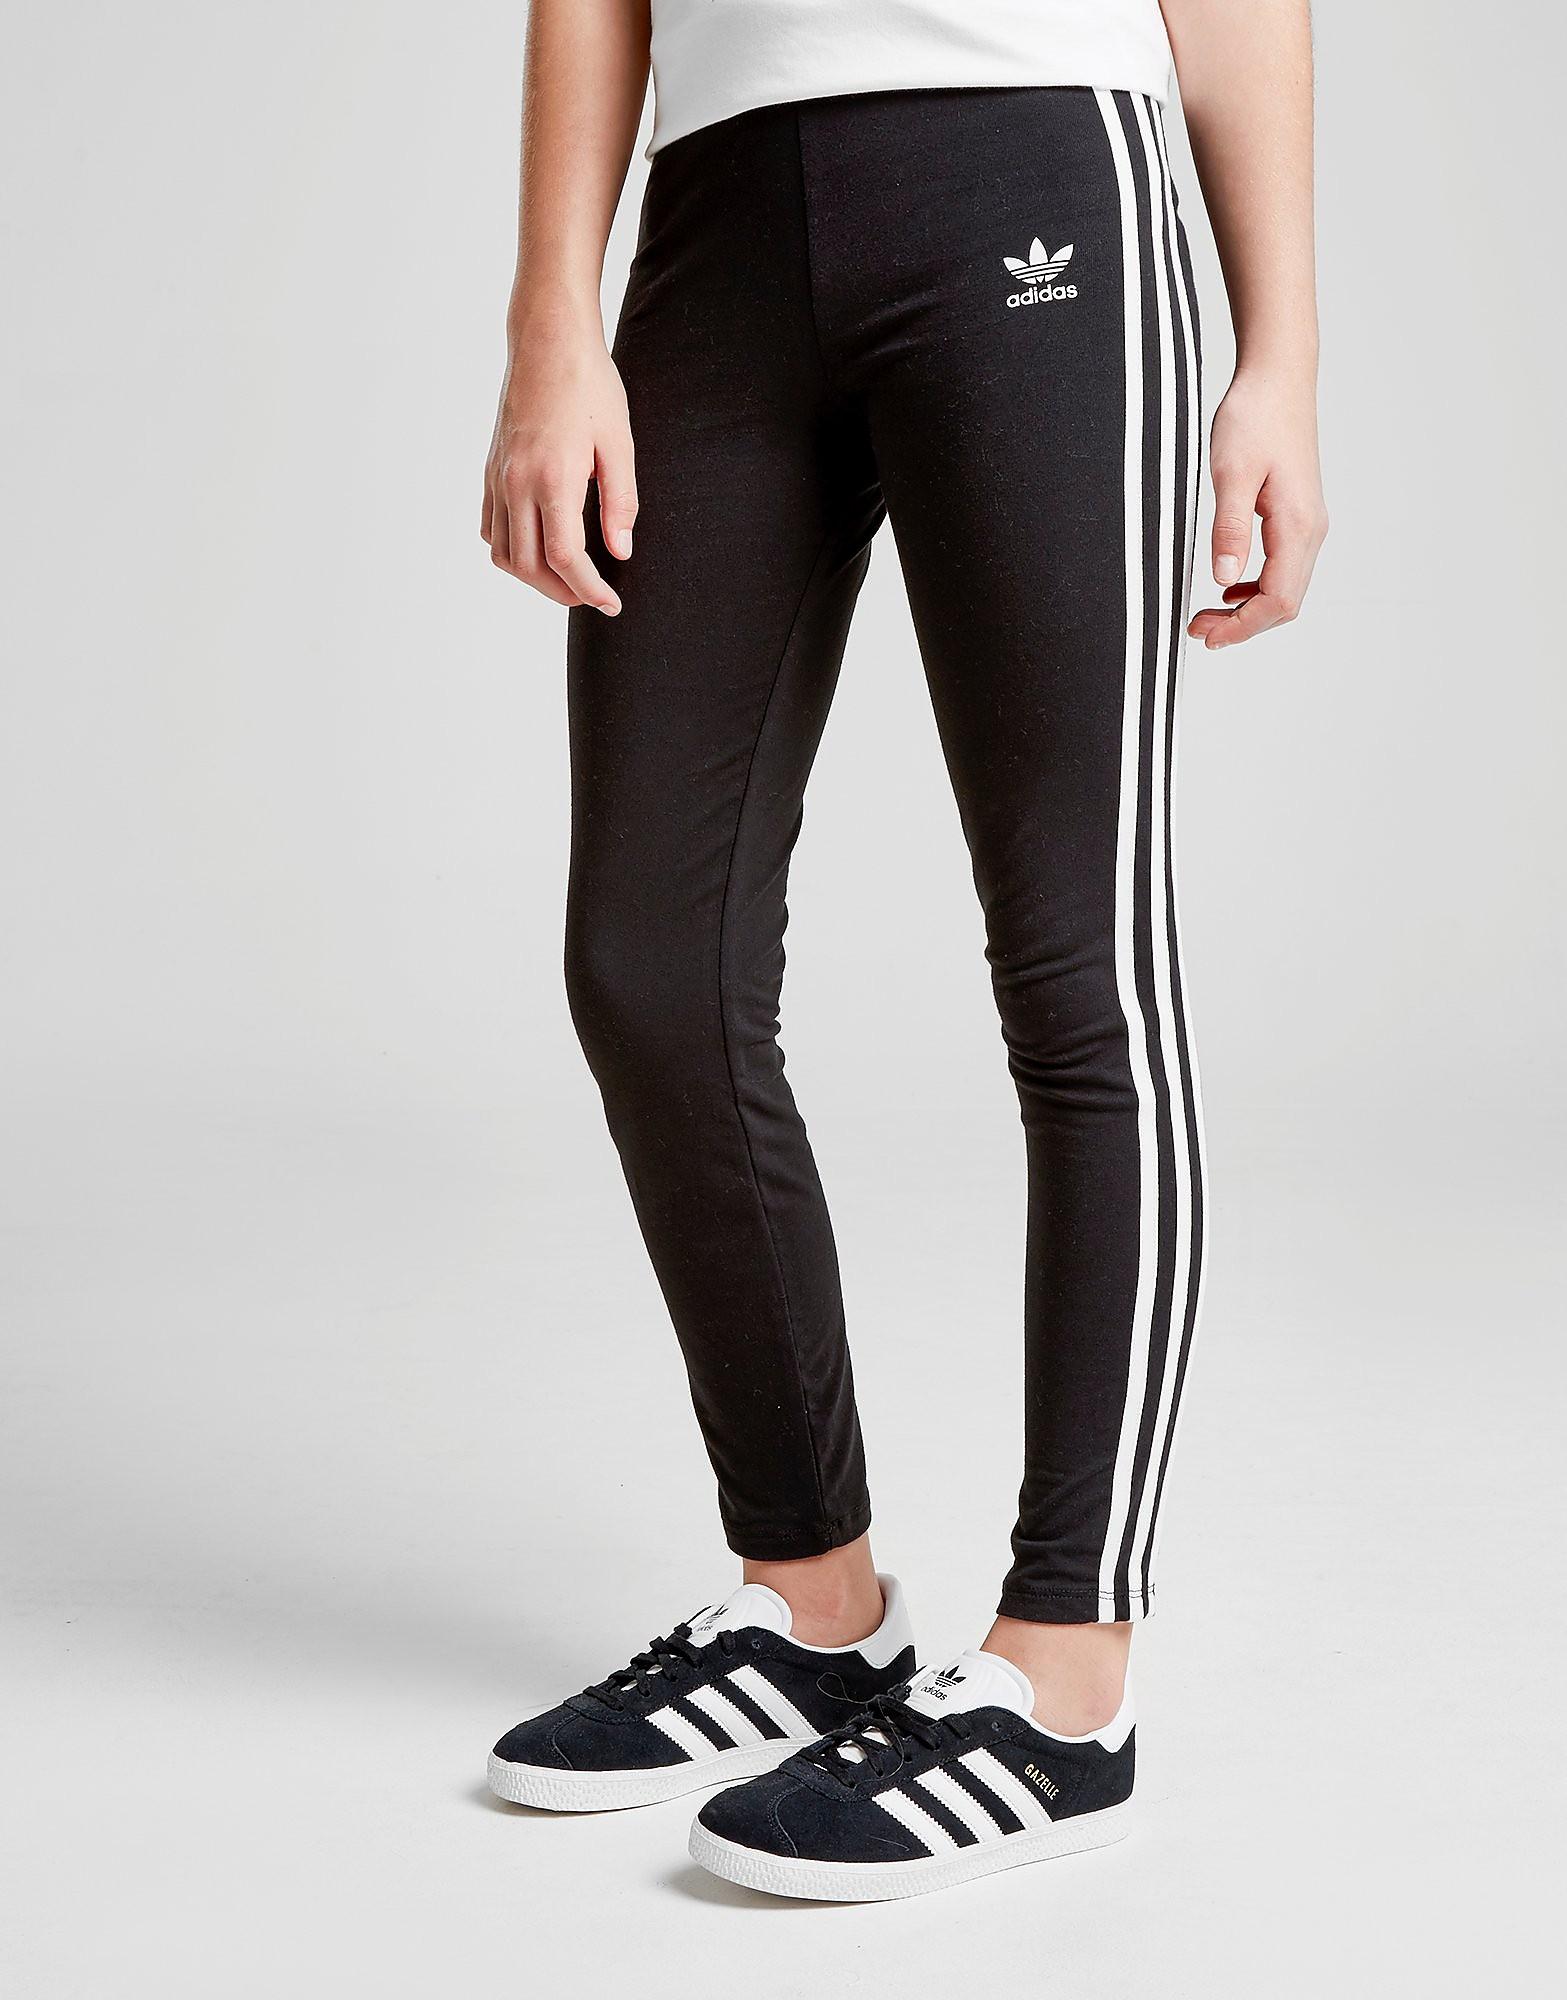 adidas Originals Girls' Trefoil 3-Stripes Leggings Junior